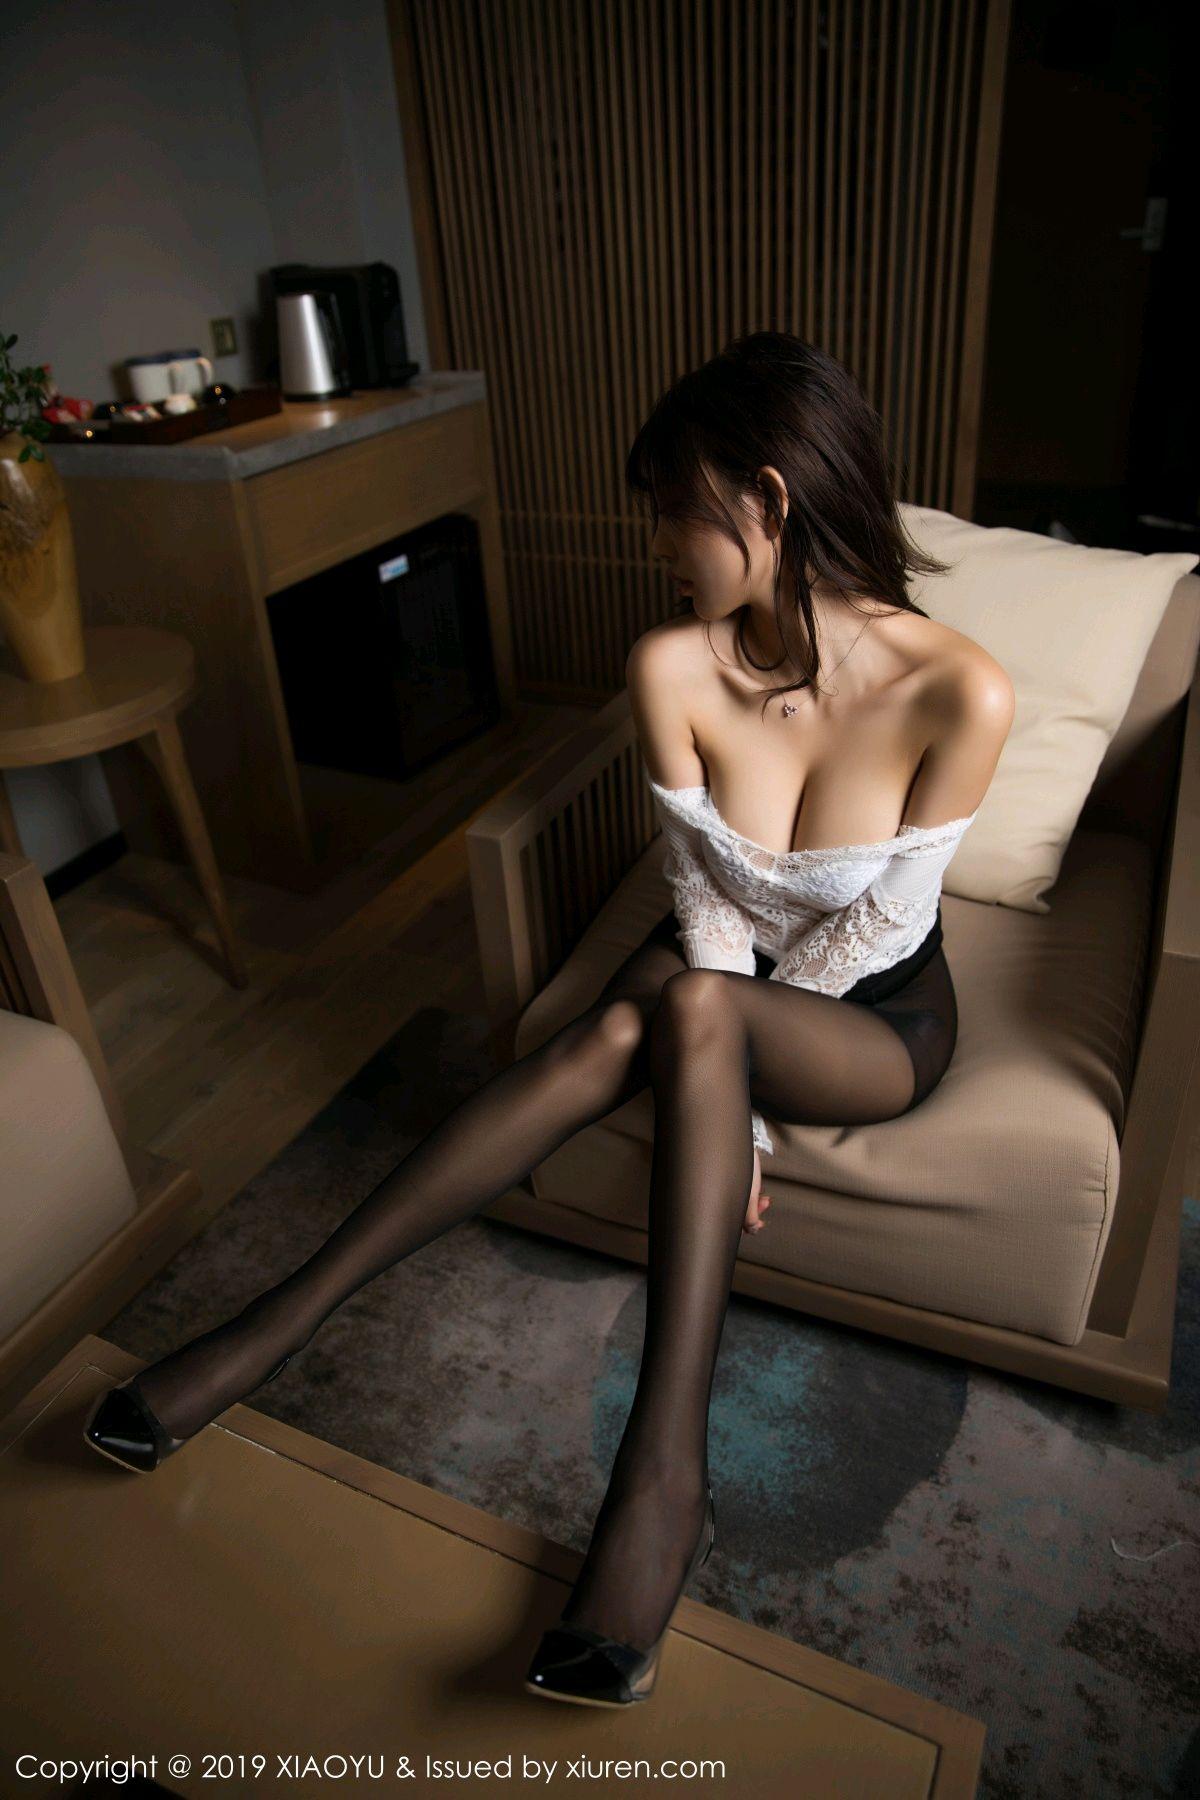 [XiaoYu] Vol.048 Yang Chen Chen 30P, Black Silk, Tall, XiaoYu, Yang Chen Chen